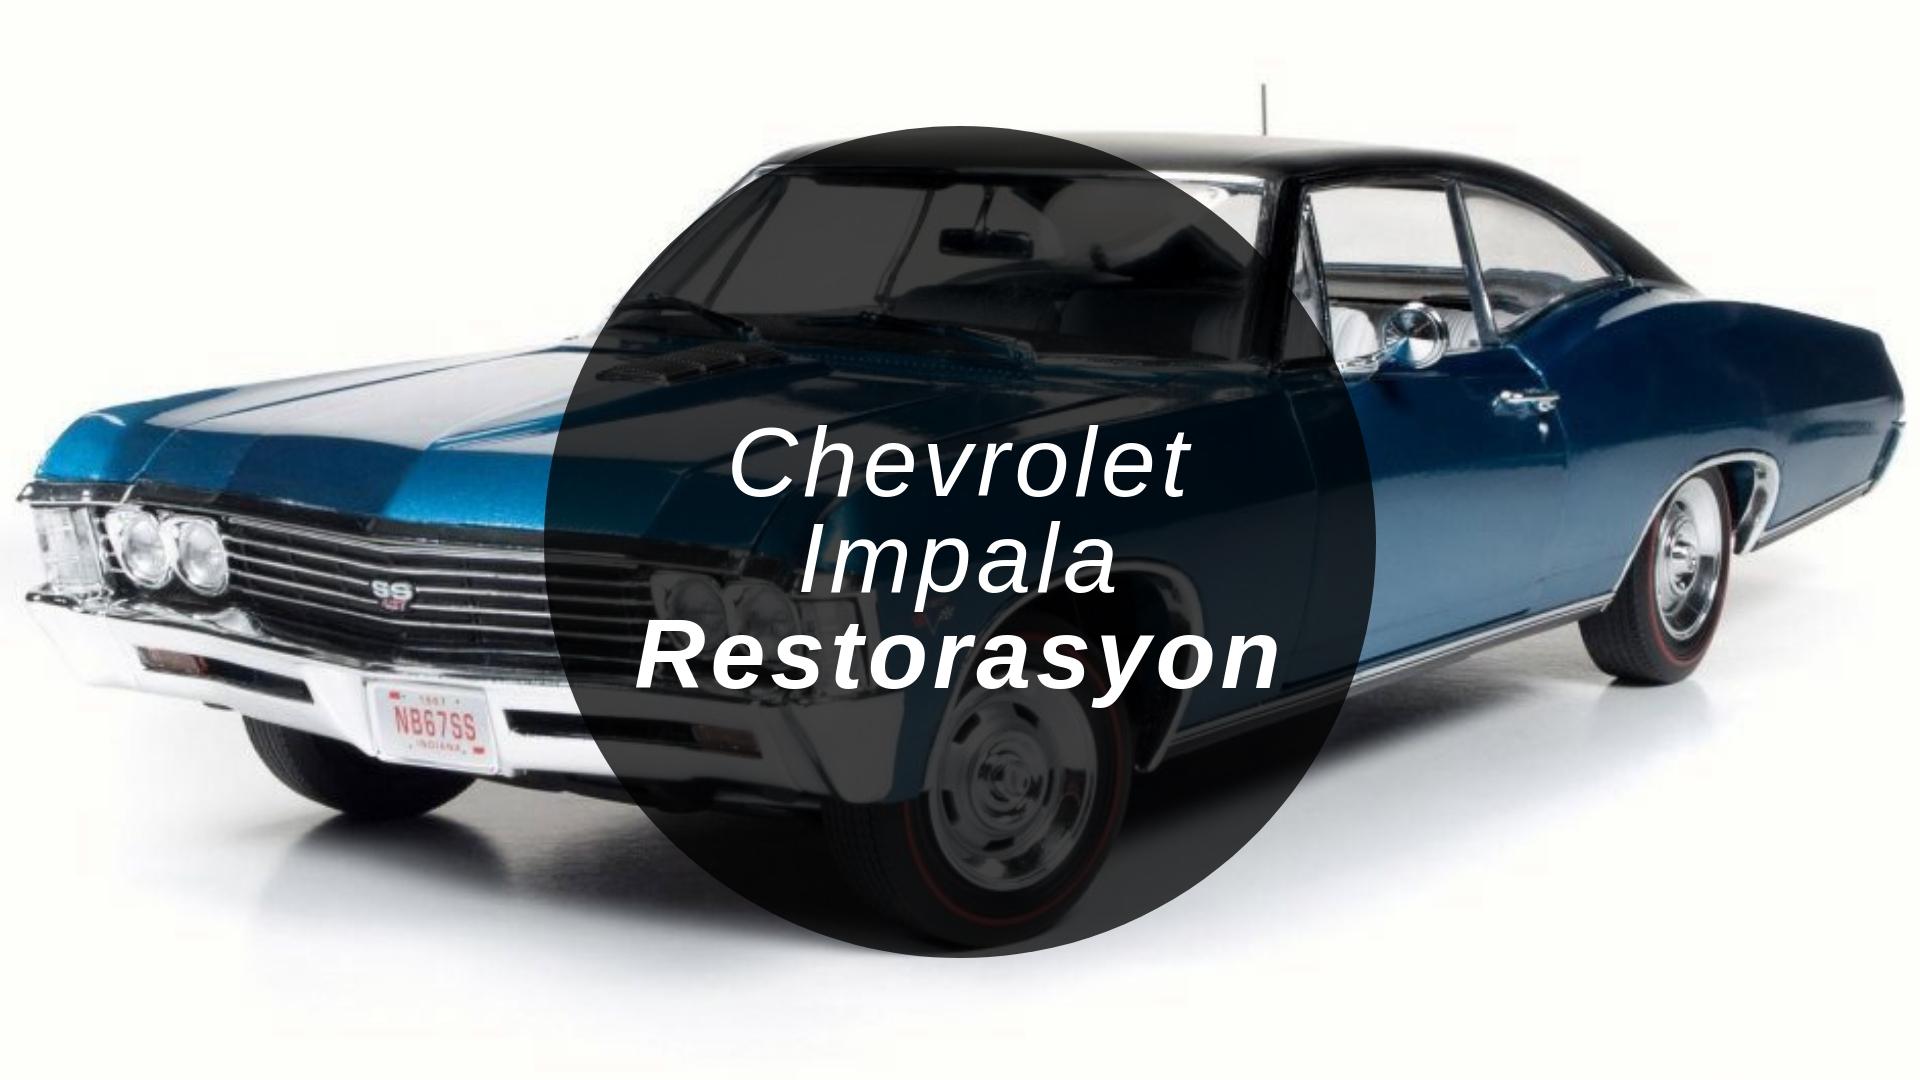 Chevrolet Impala Restorasyon Çalışması